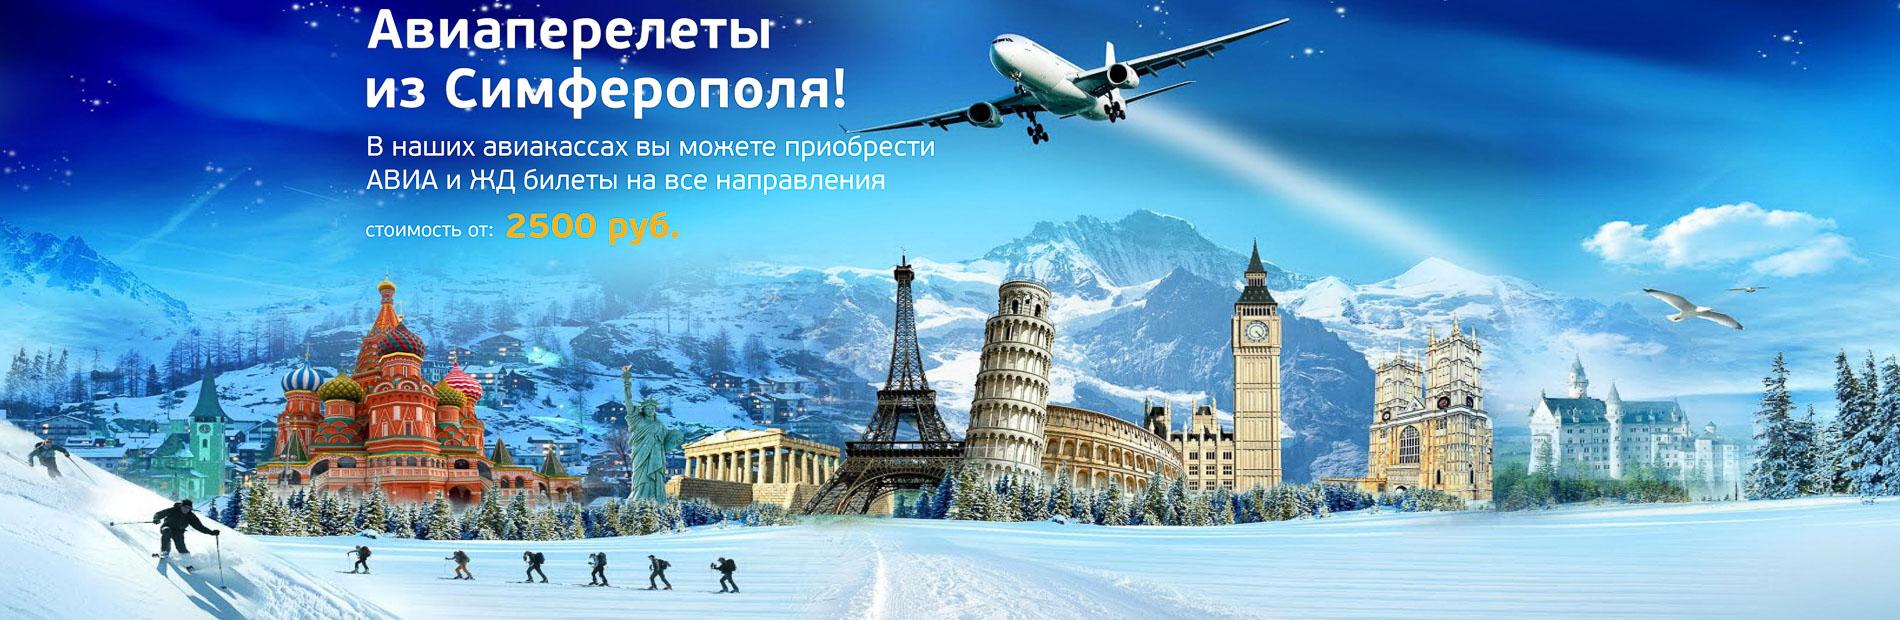 Авиакассы в Севастополе. Авиа и ЖД билеты.